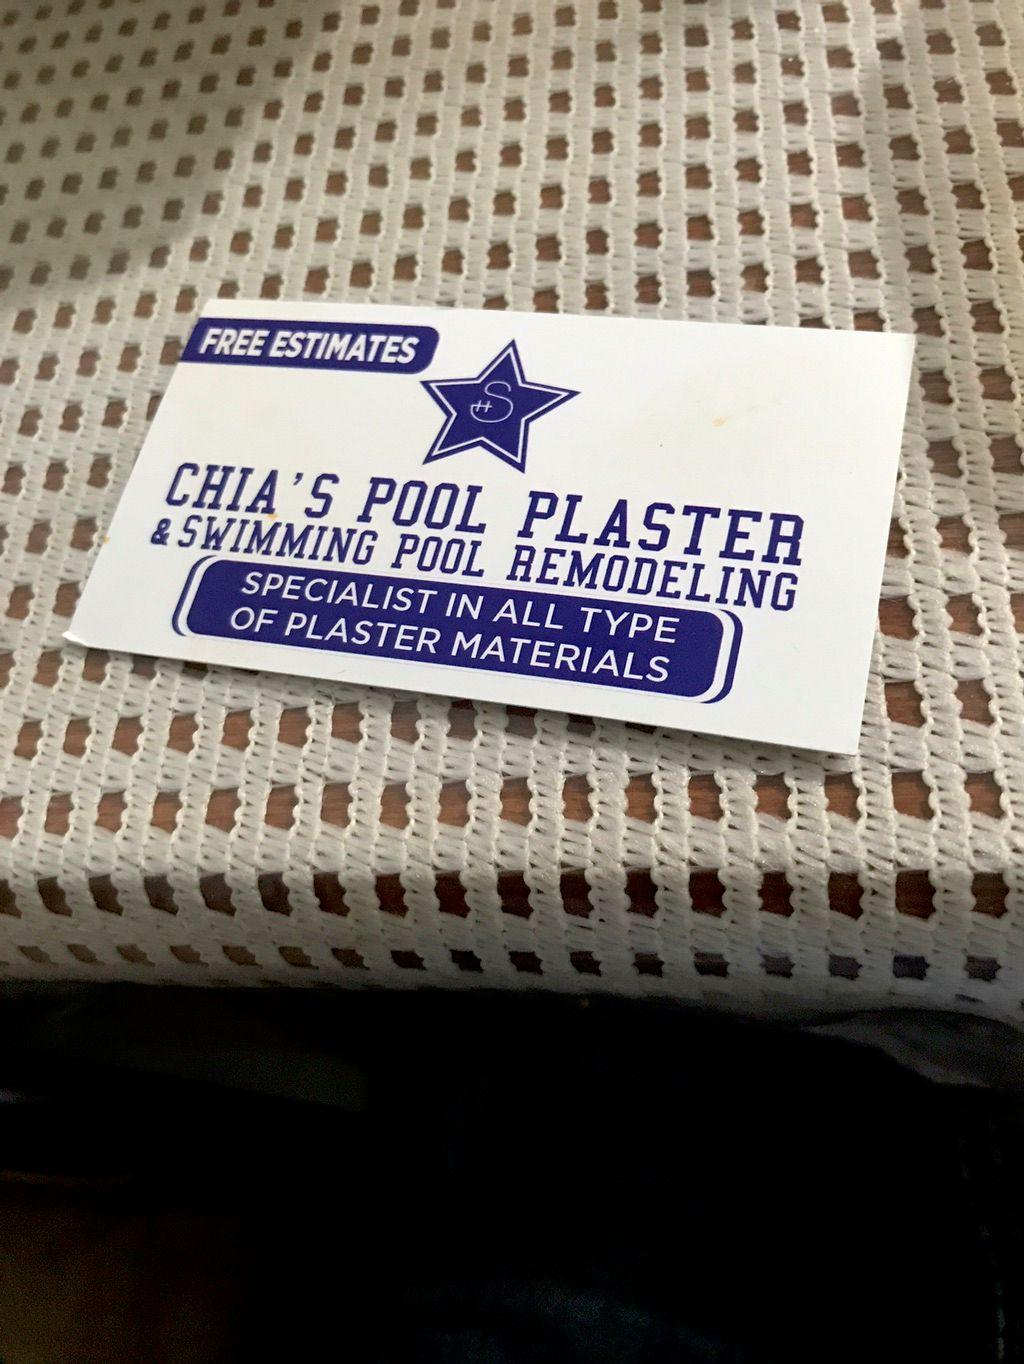 Chias Pool Plaster